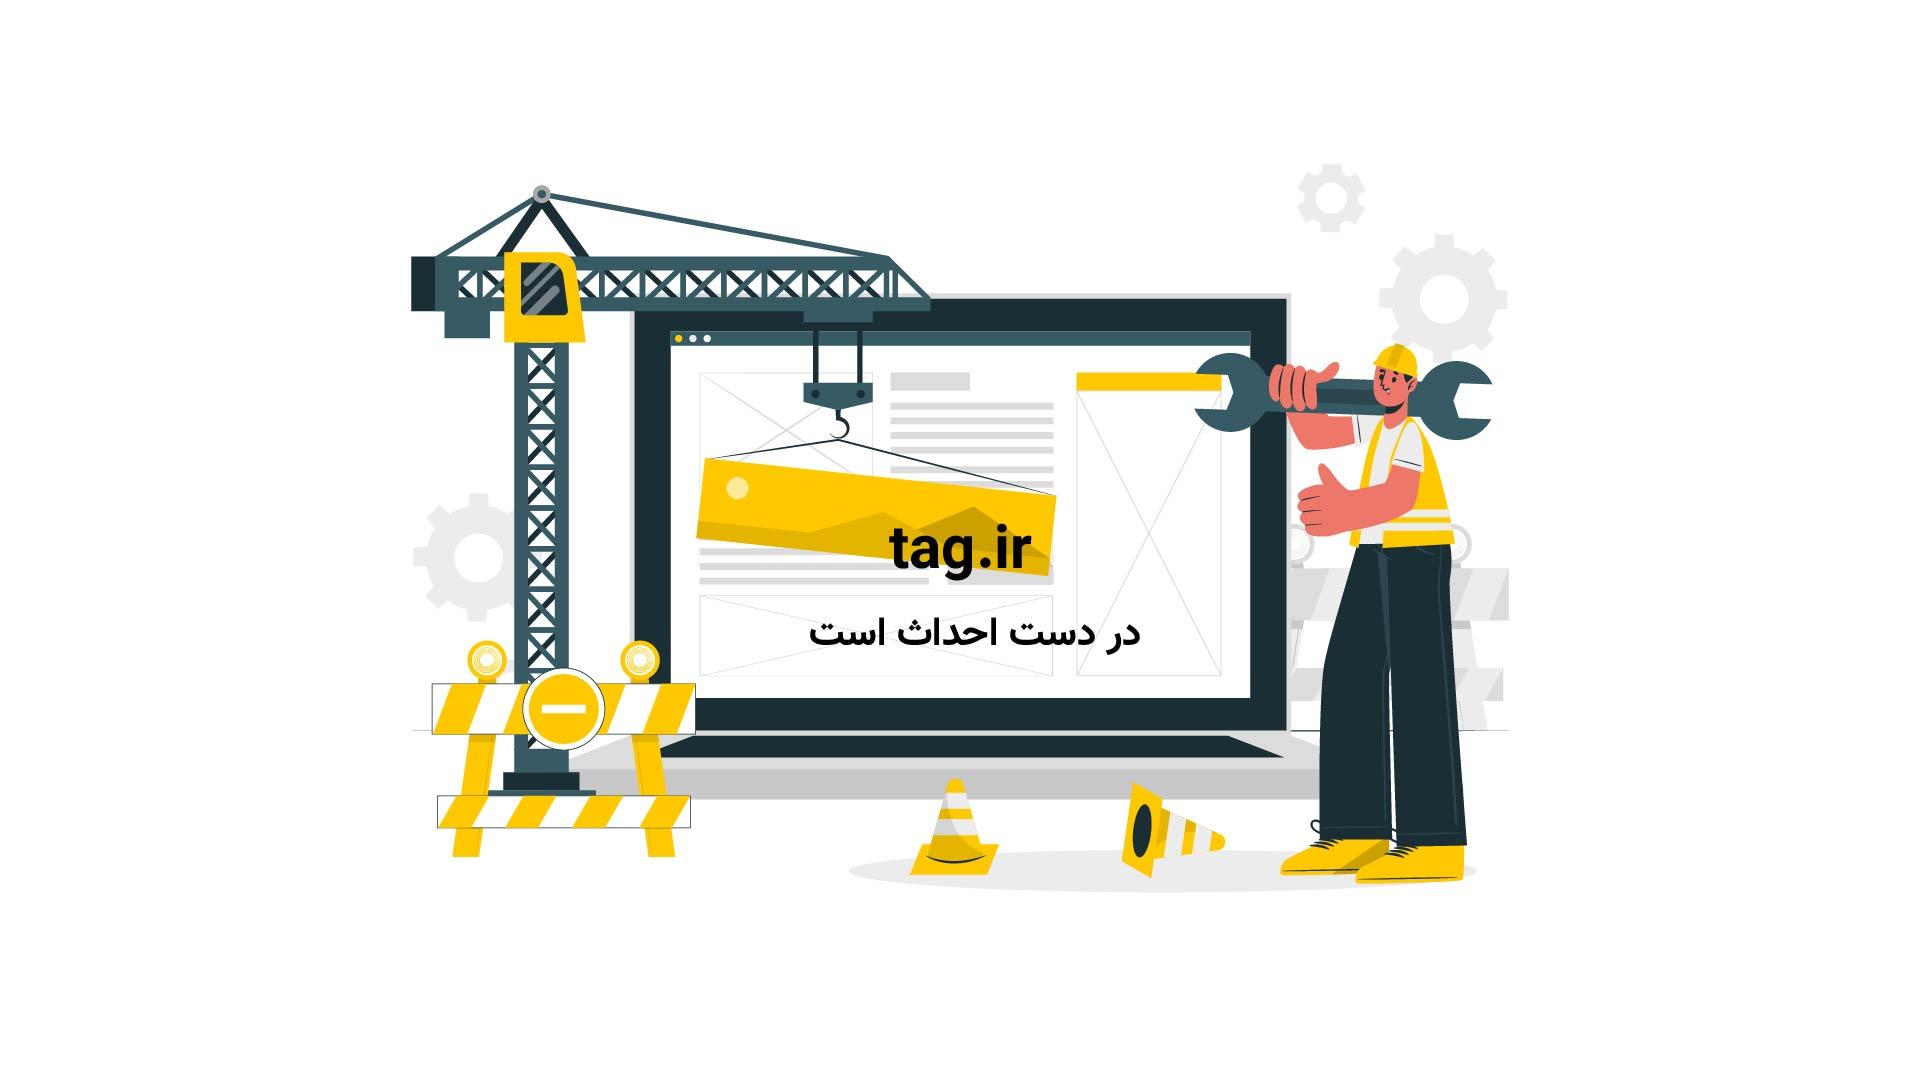 هواشناسی-کشور | تگ